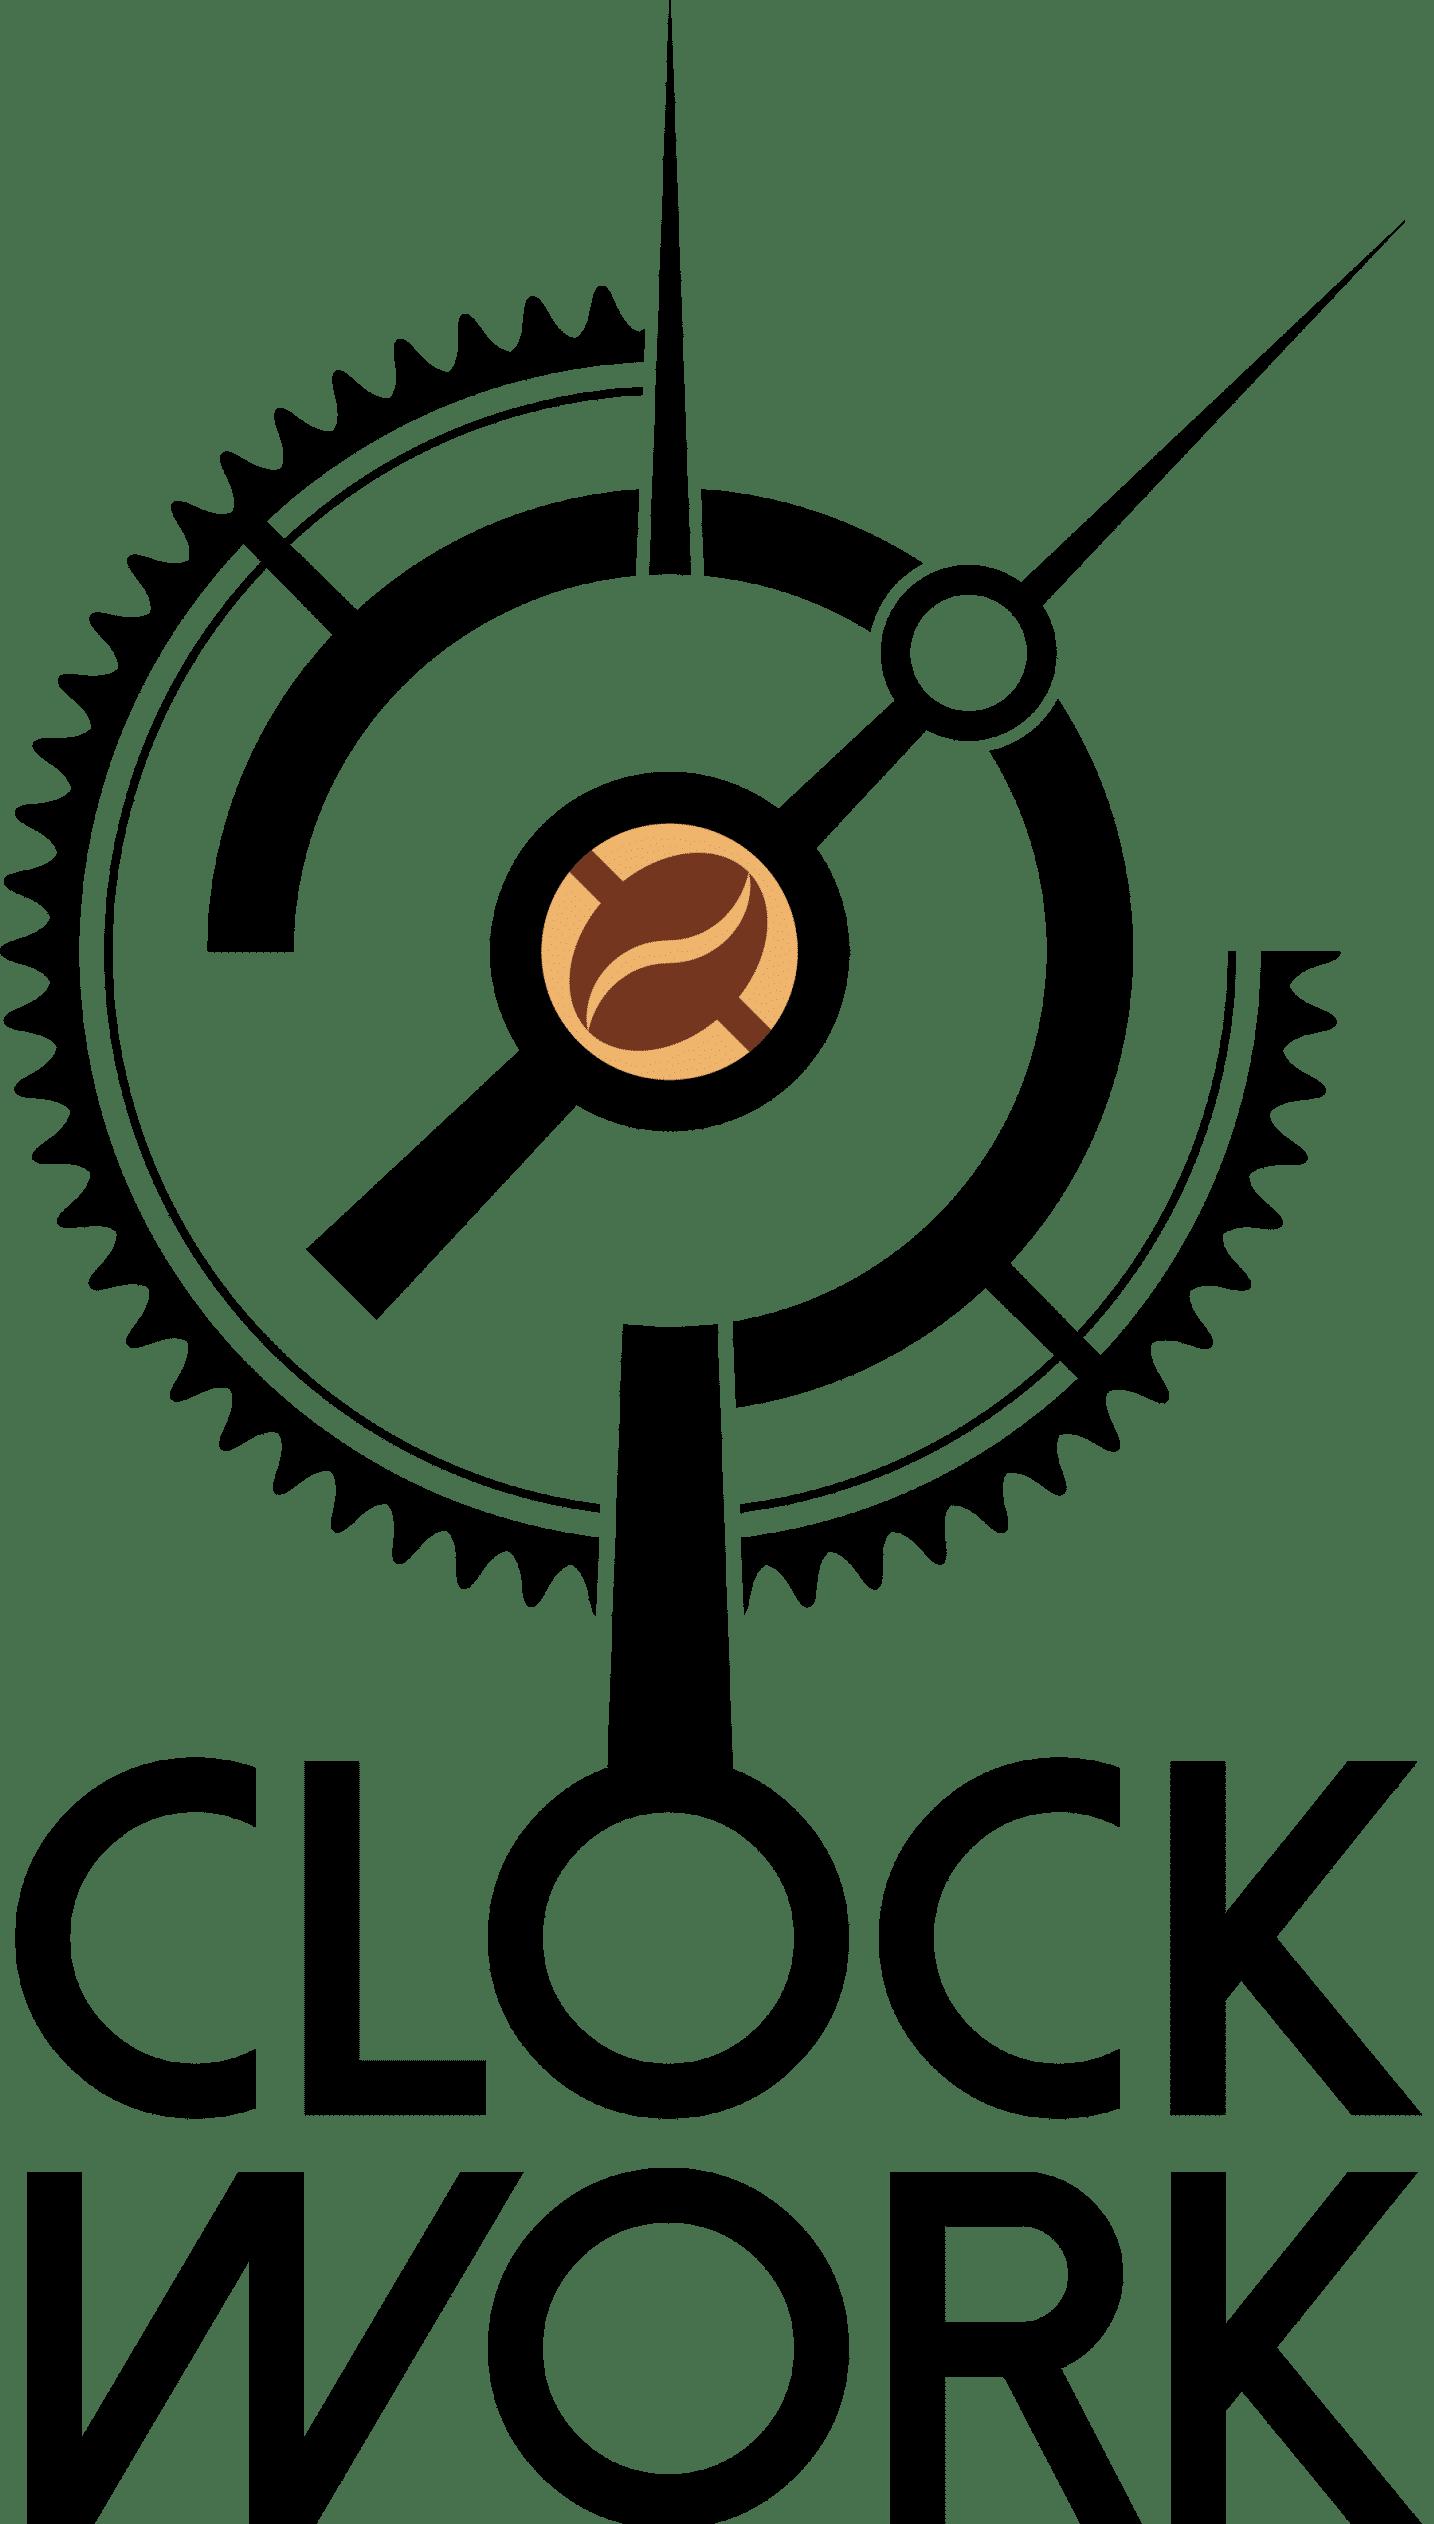 logo-clockwork-coworking-cafe